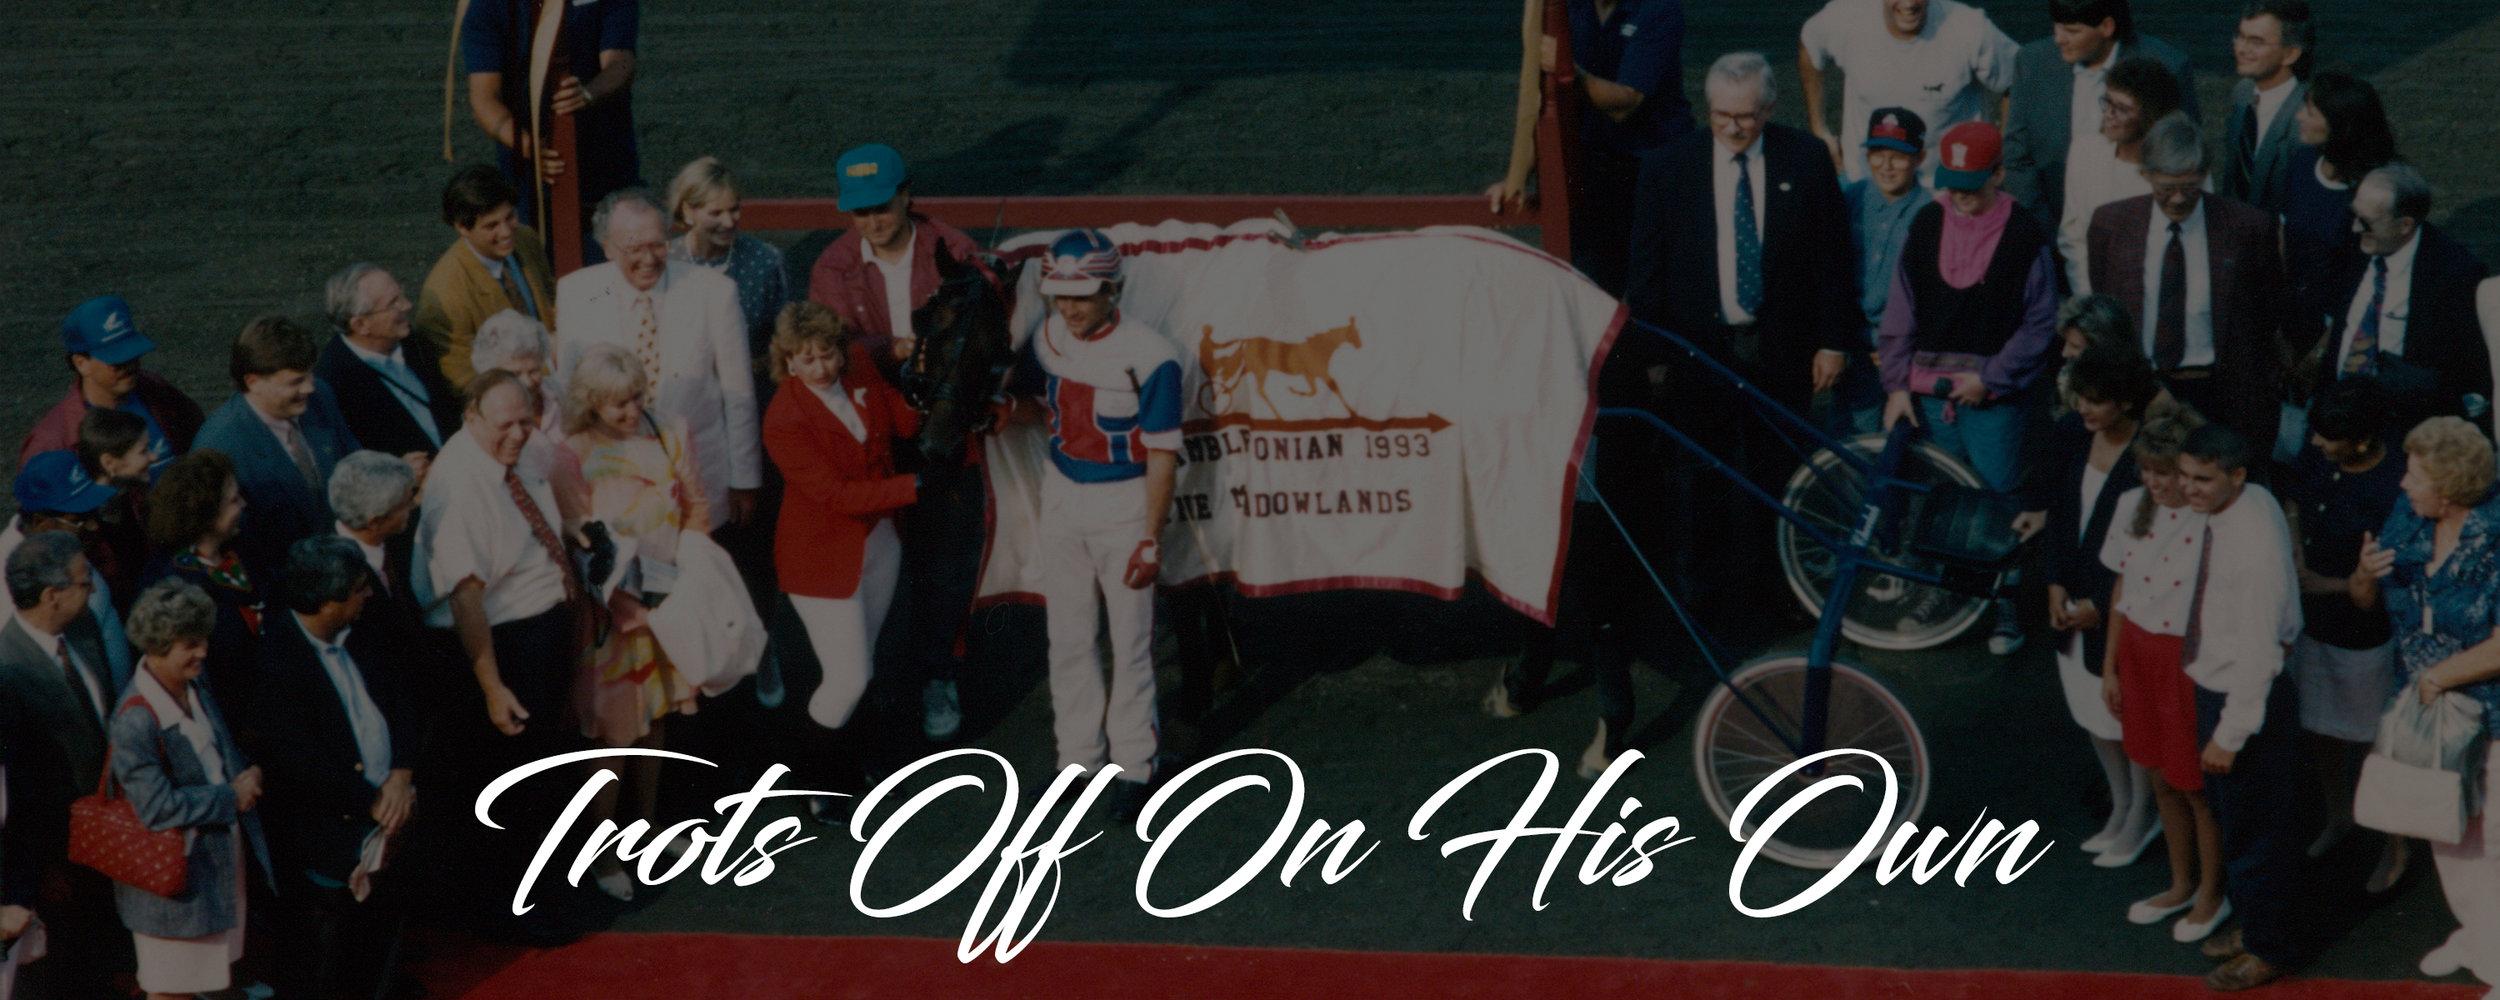 history banner 1993.jpg